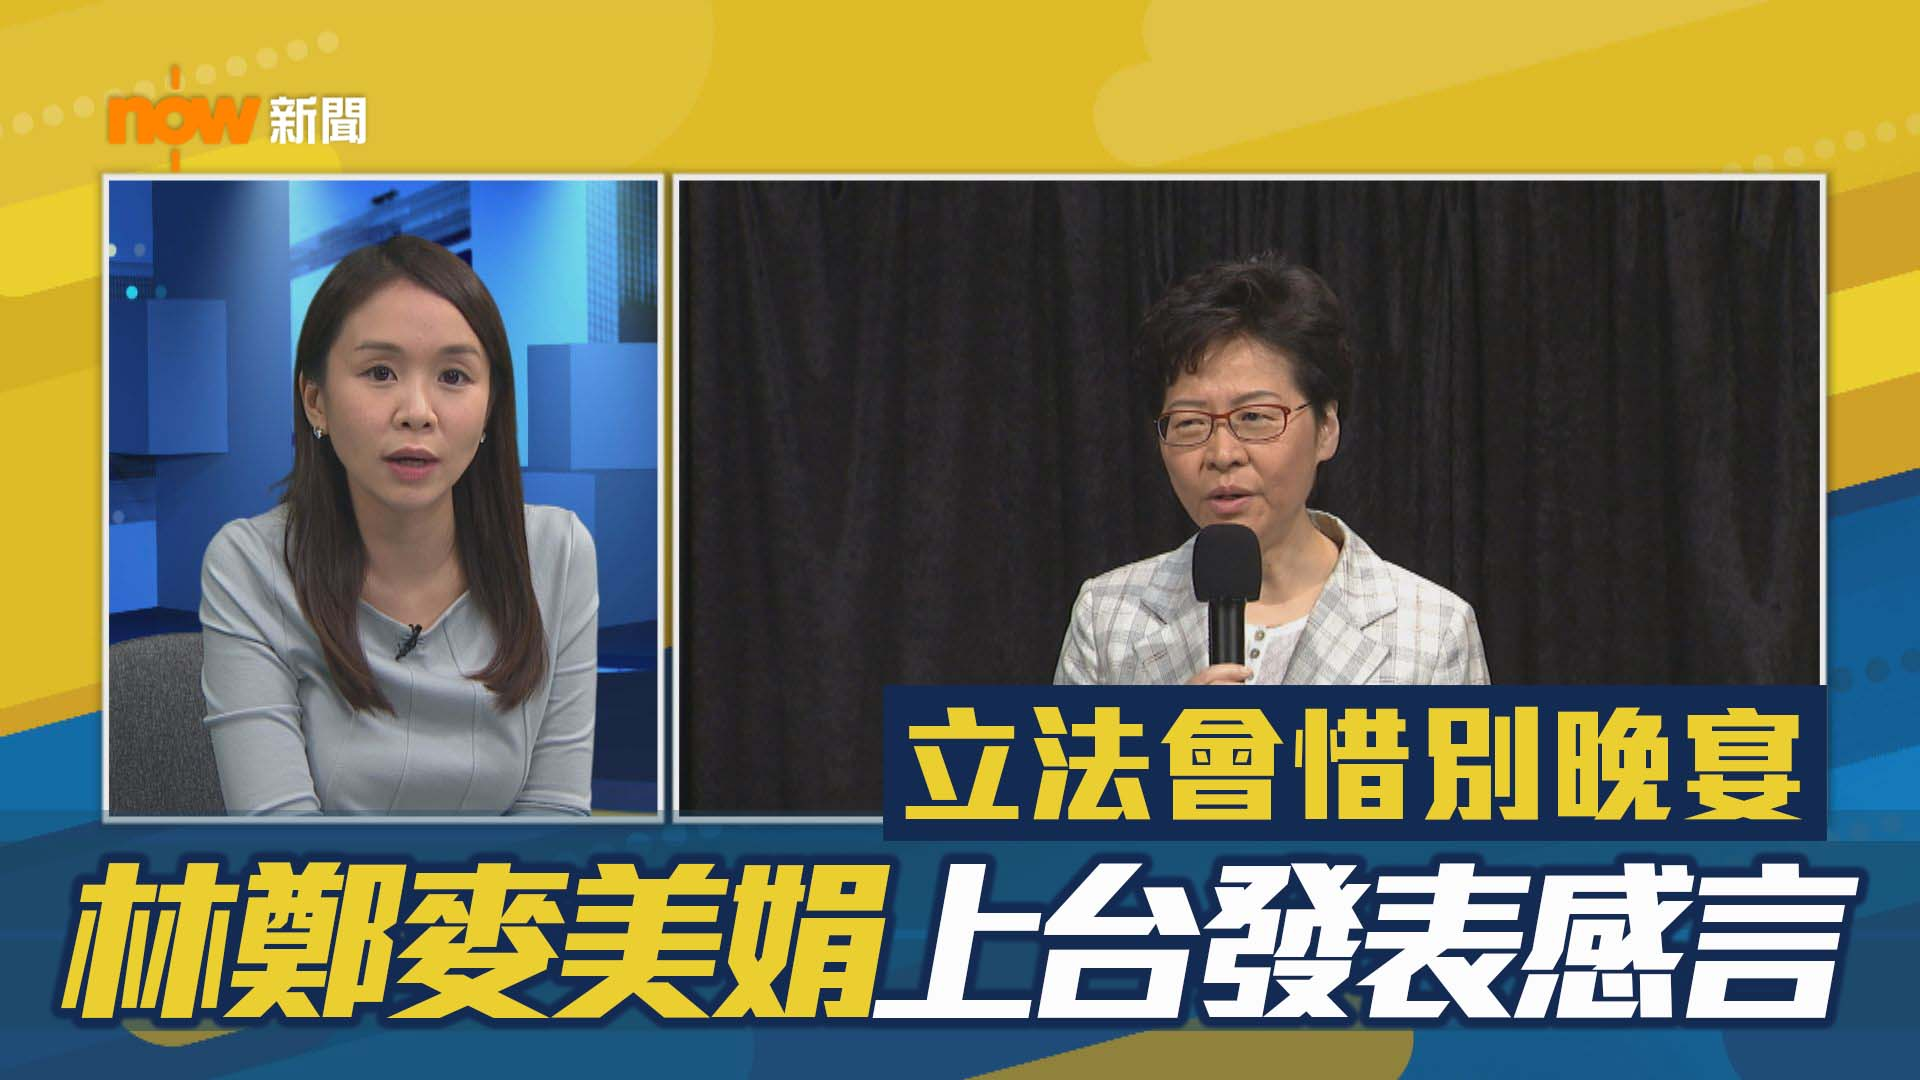 【政情】立法會惜別晚宴 林鄭麥美娟上台發表感言